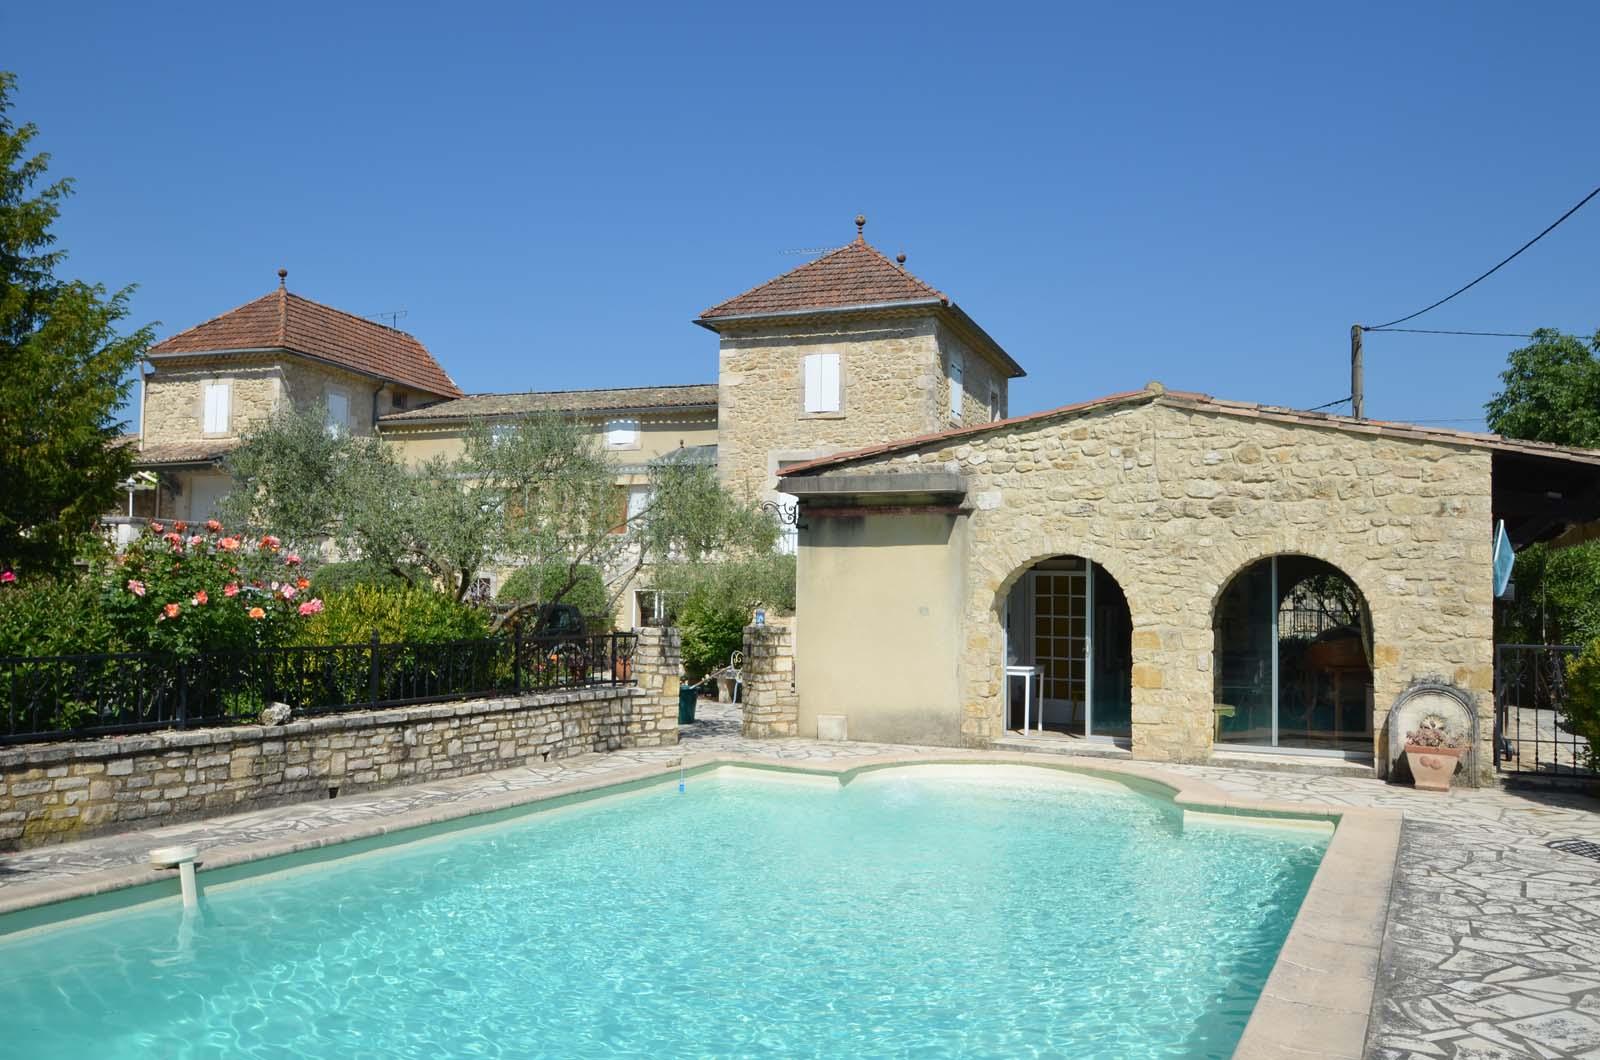 Vakantiehuis in Cornillon met zwembad, in Languedoc-Roussillon.